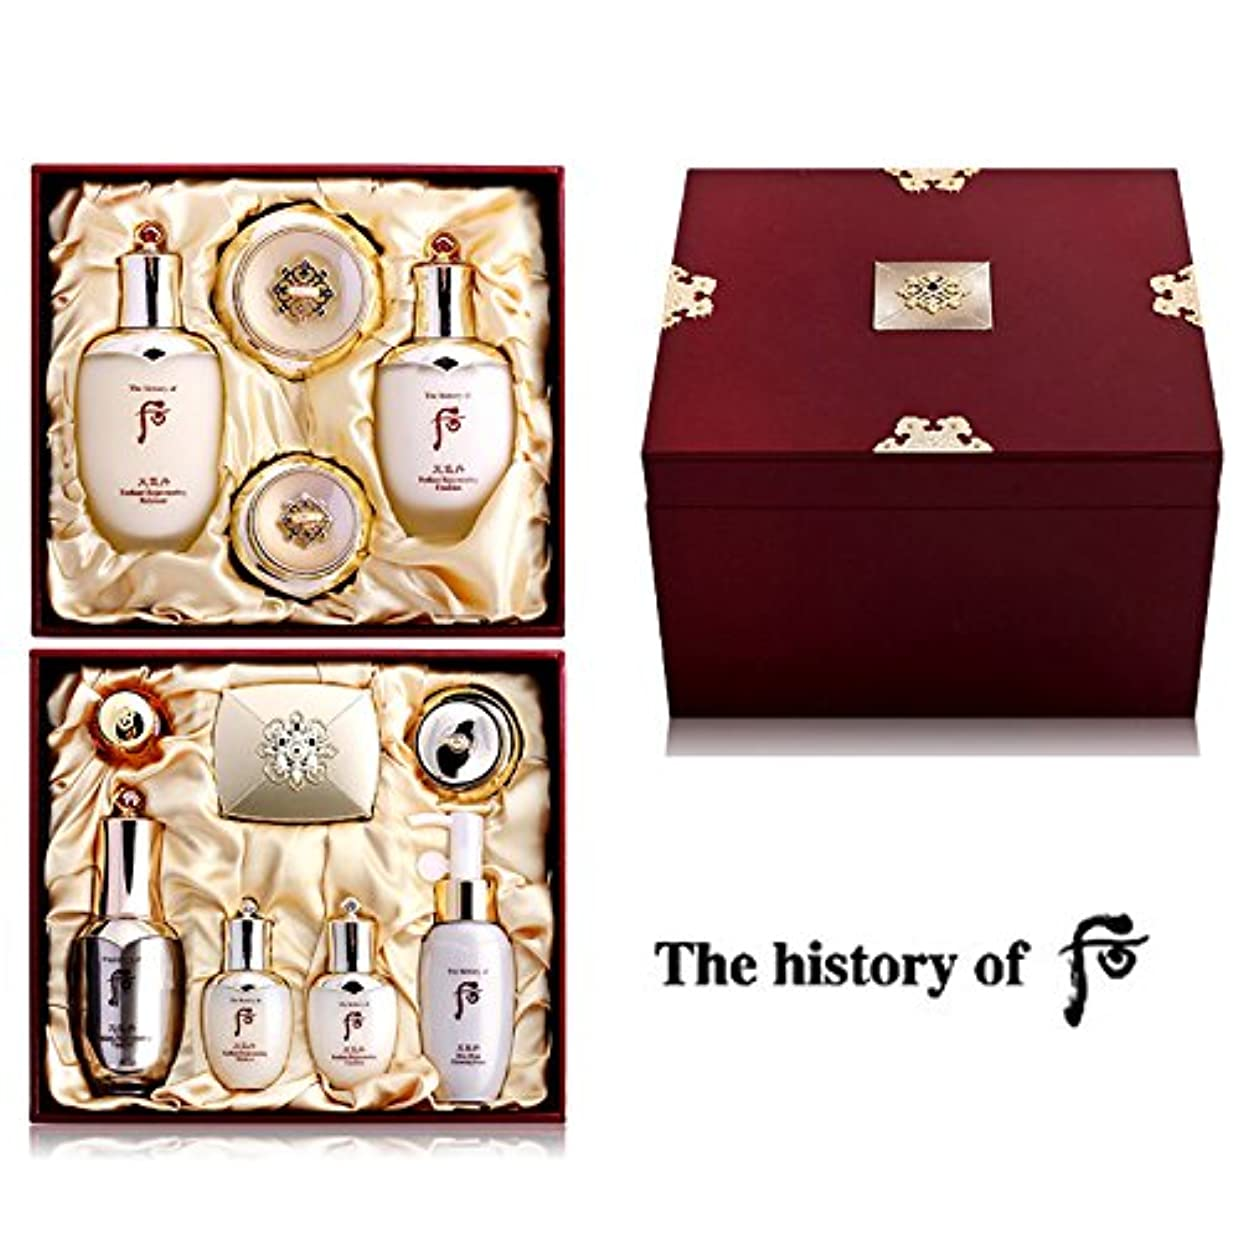 無し反響する途方もない【フー/The history of whoo] 天気丹 王侯(チョンギダン ワンフ) セット/Chonghi Dan Queen Special Set+[Sample Gift](海外直送品)